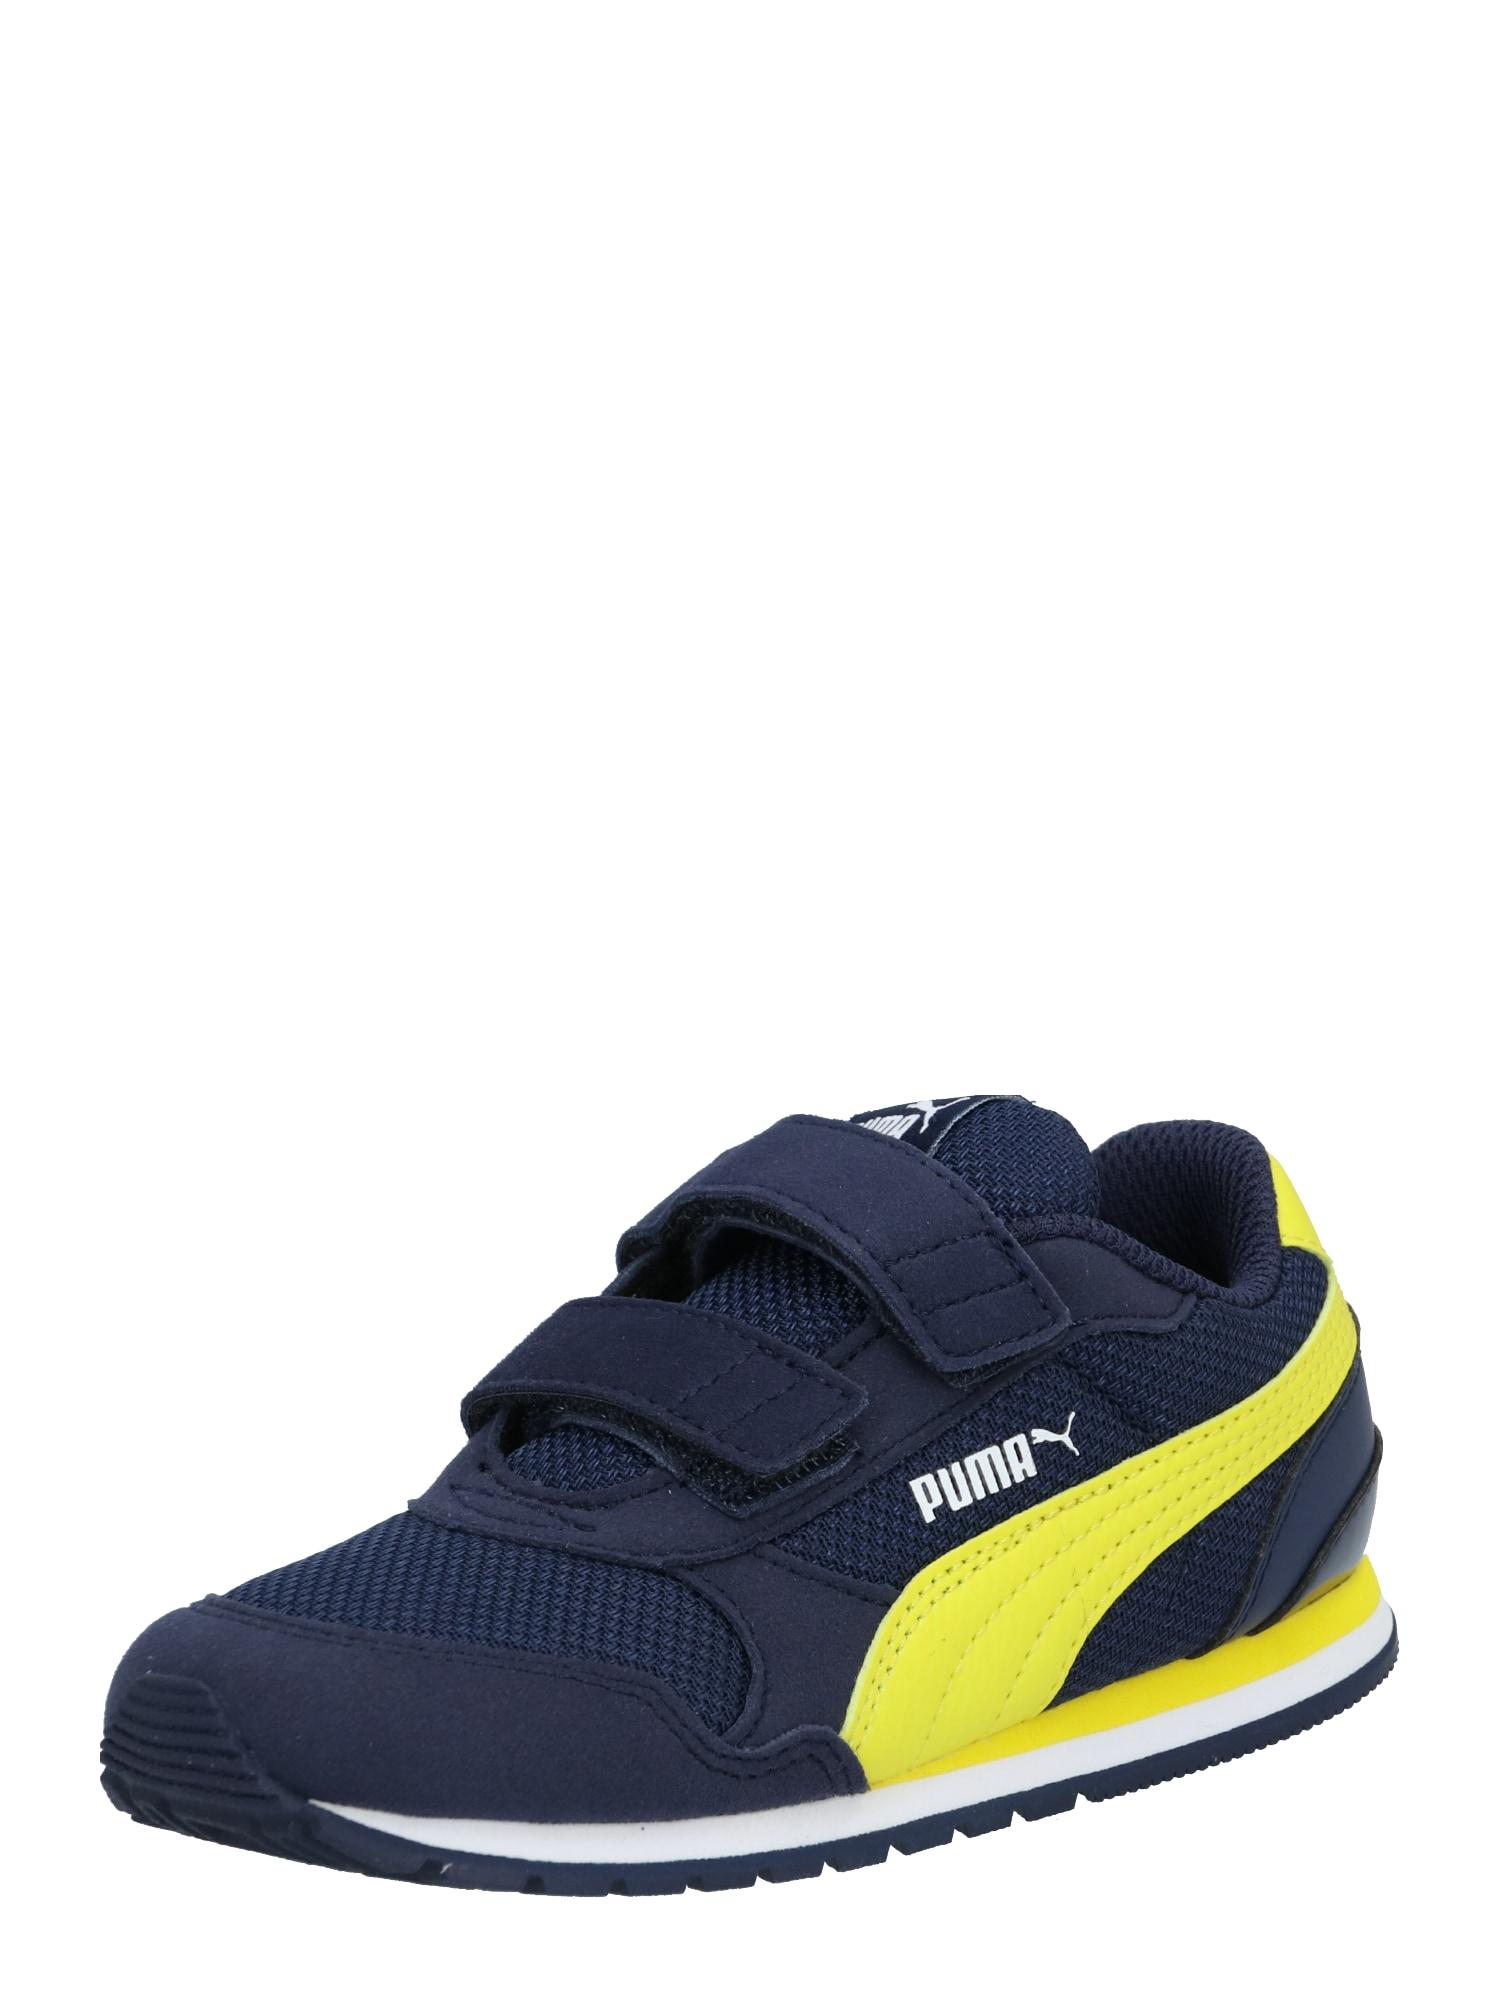 PUMA Tenisky 'Runner'  žlté / námornícka modrá